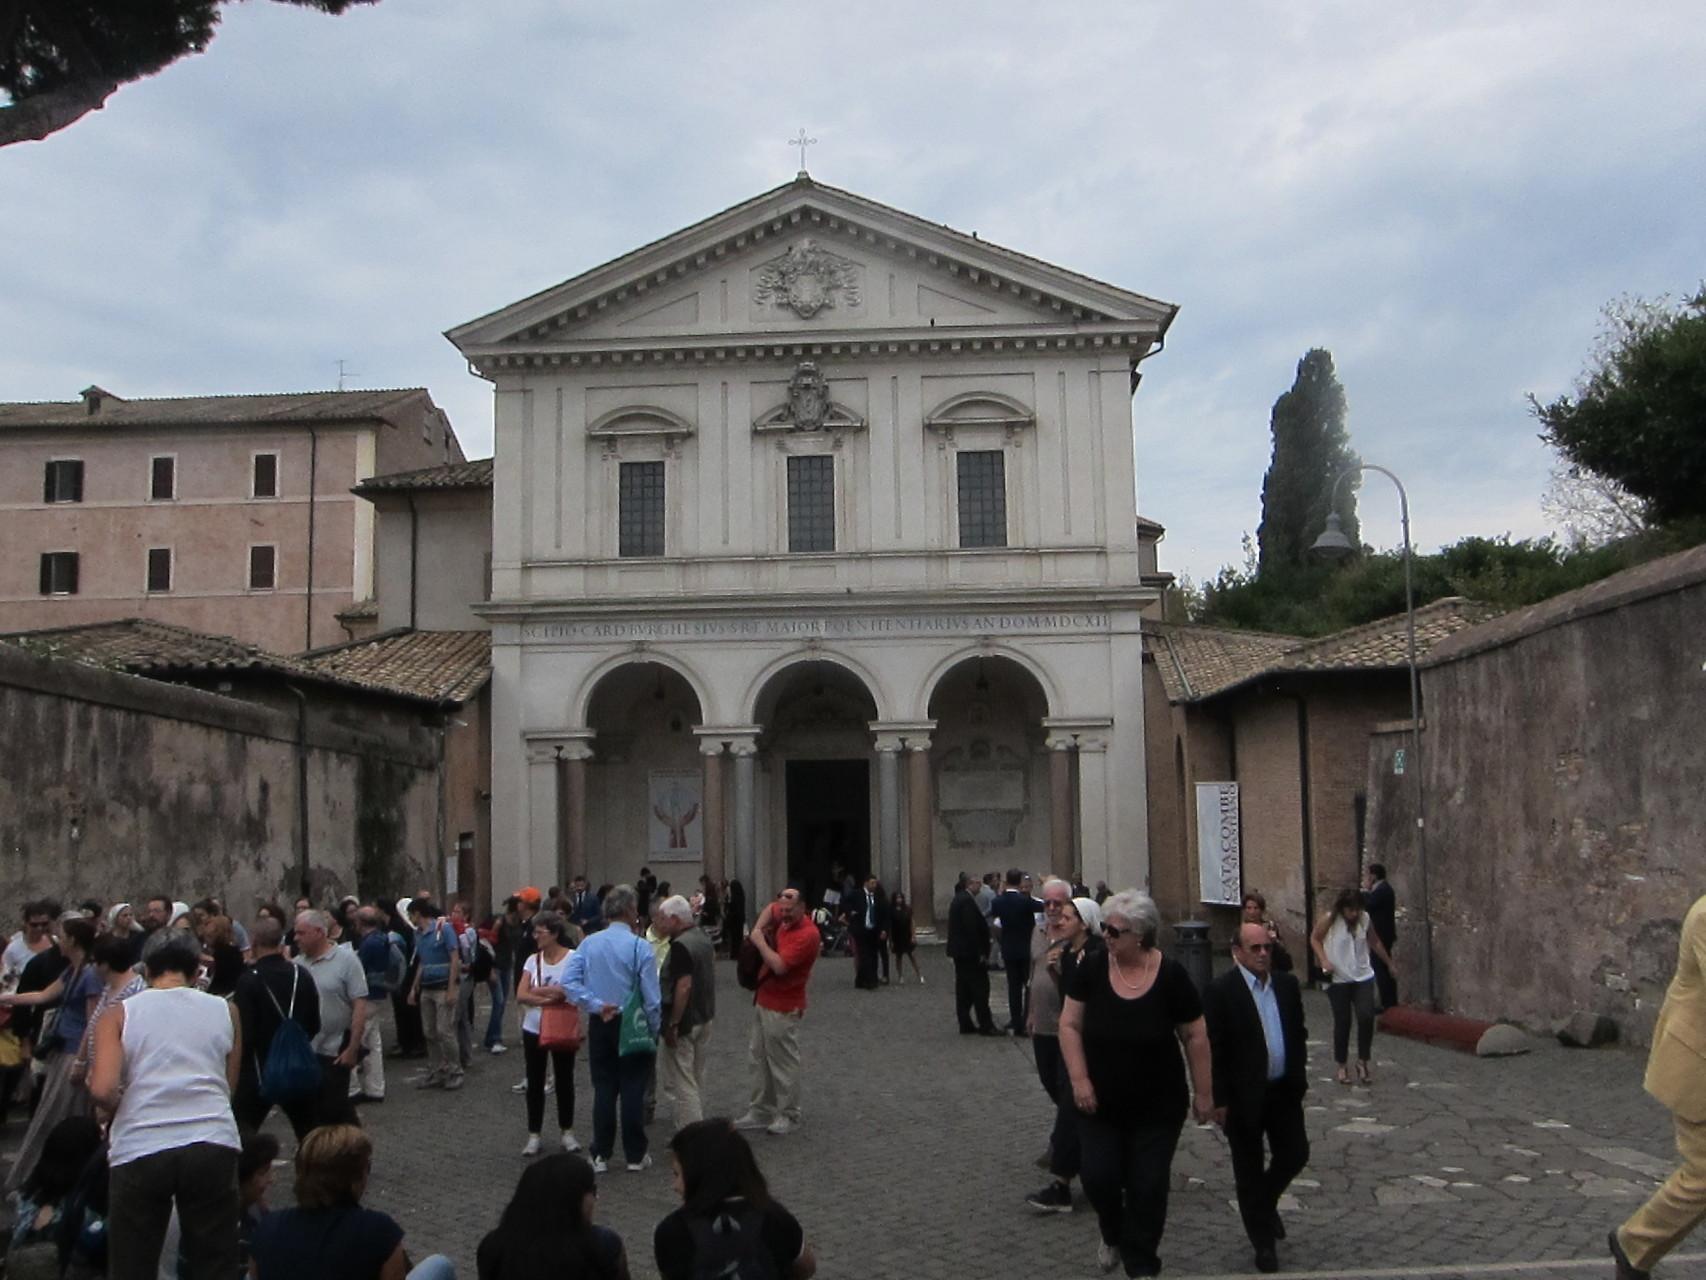 サンセバスチアーノ大聖堂ミサ中なので写しません